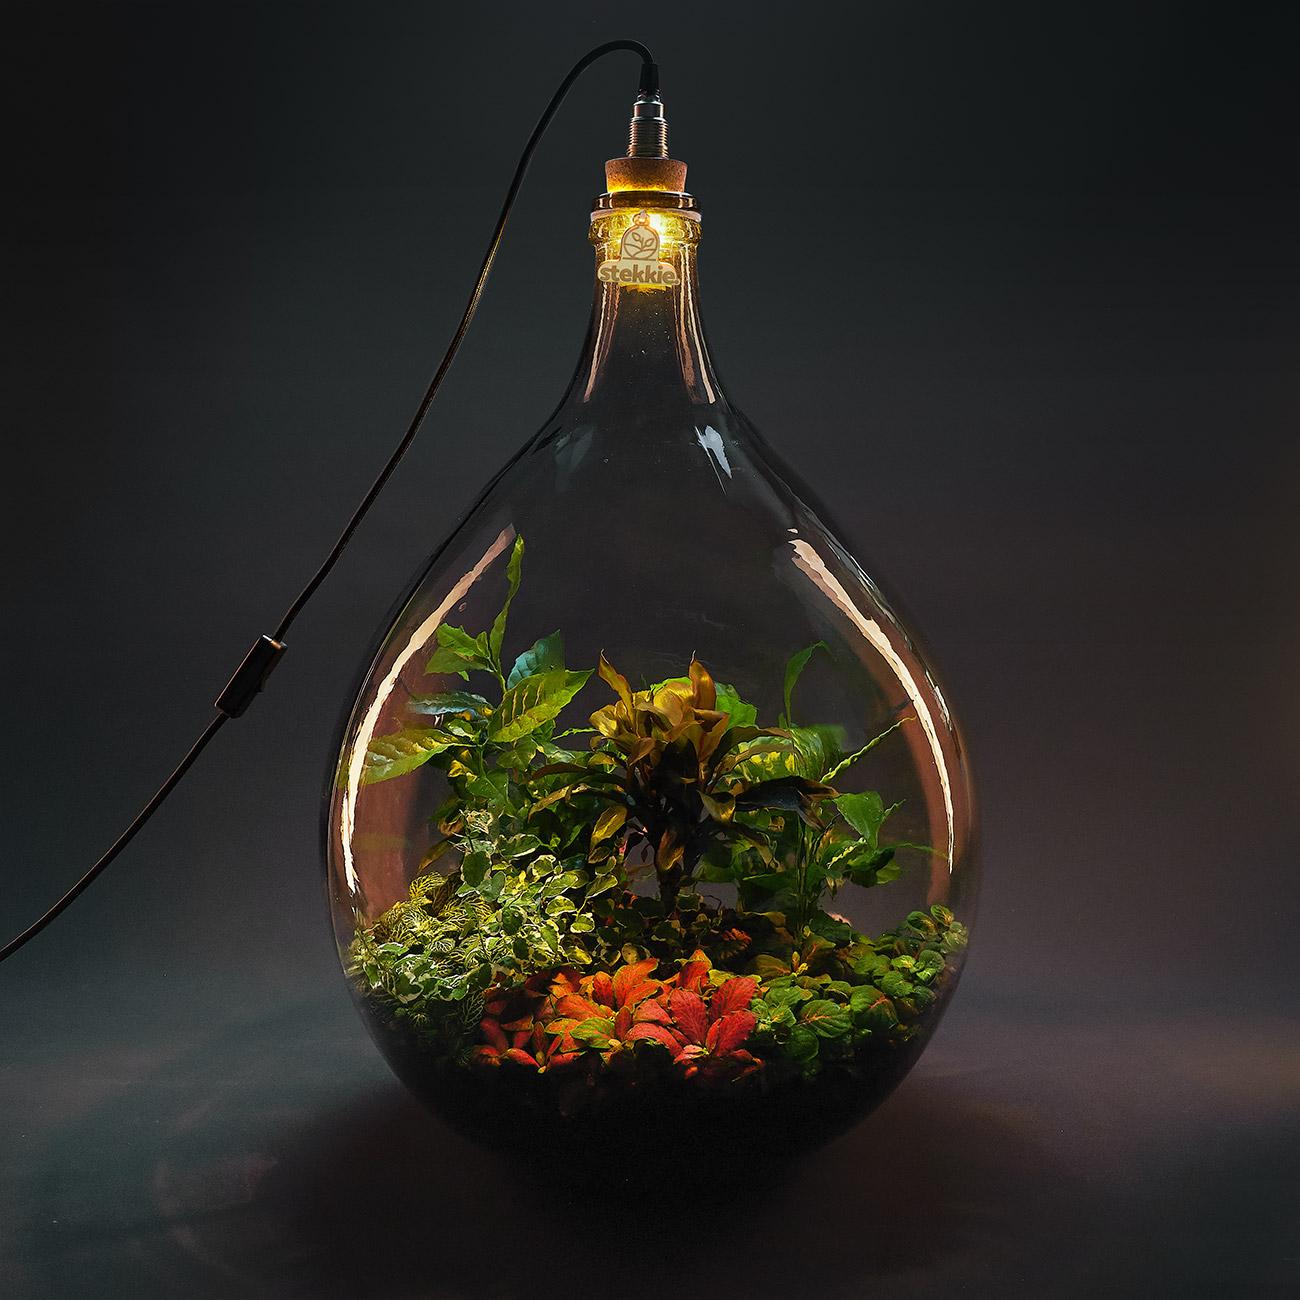 Planten in een grote glazen fles die sfeervol worden verlicht door een lamp op de fles